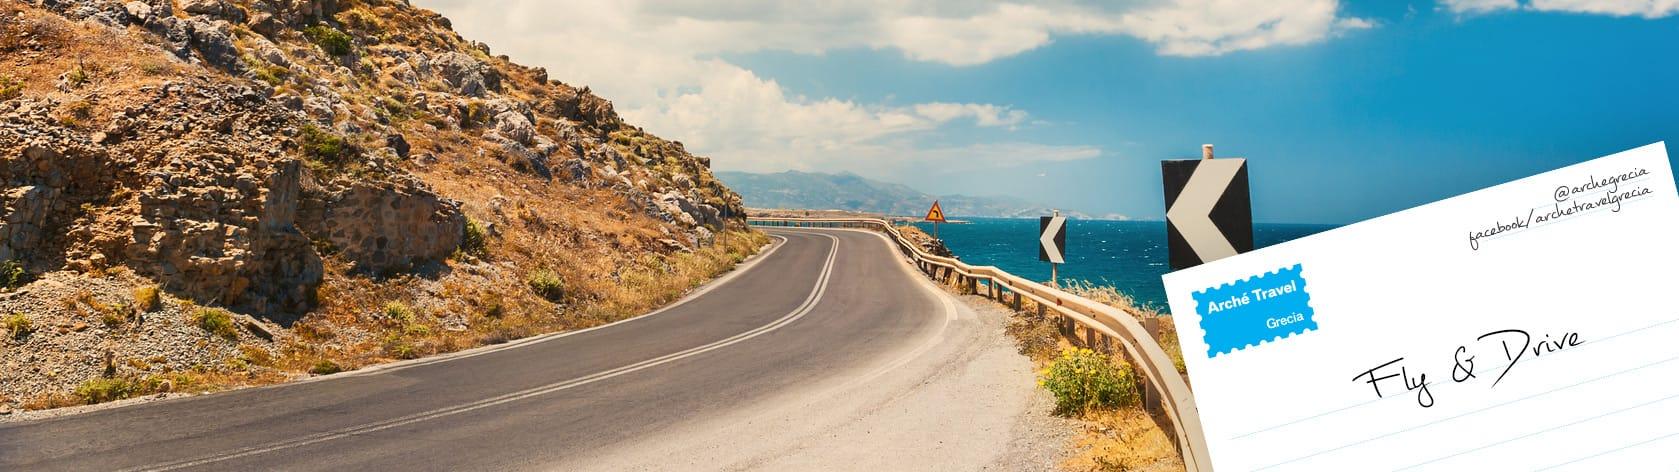 Fly and Drive Grecia - Viaggi in Grecia in auto - Arché Travel - Tour Operator Grecia